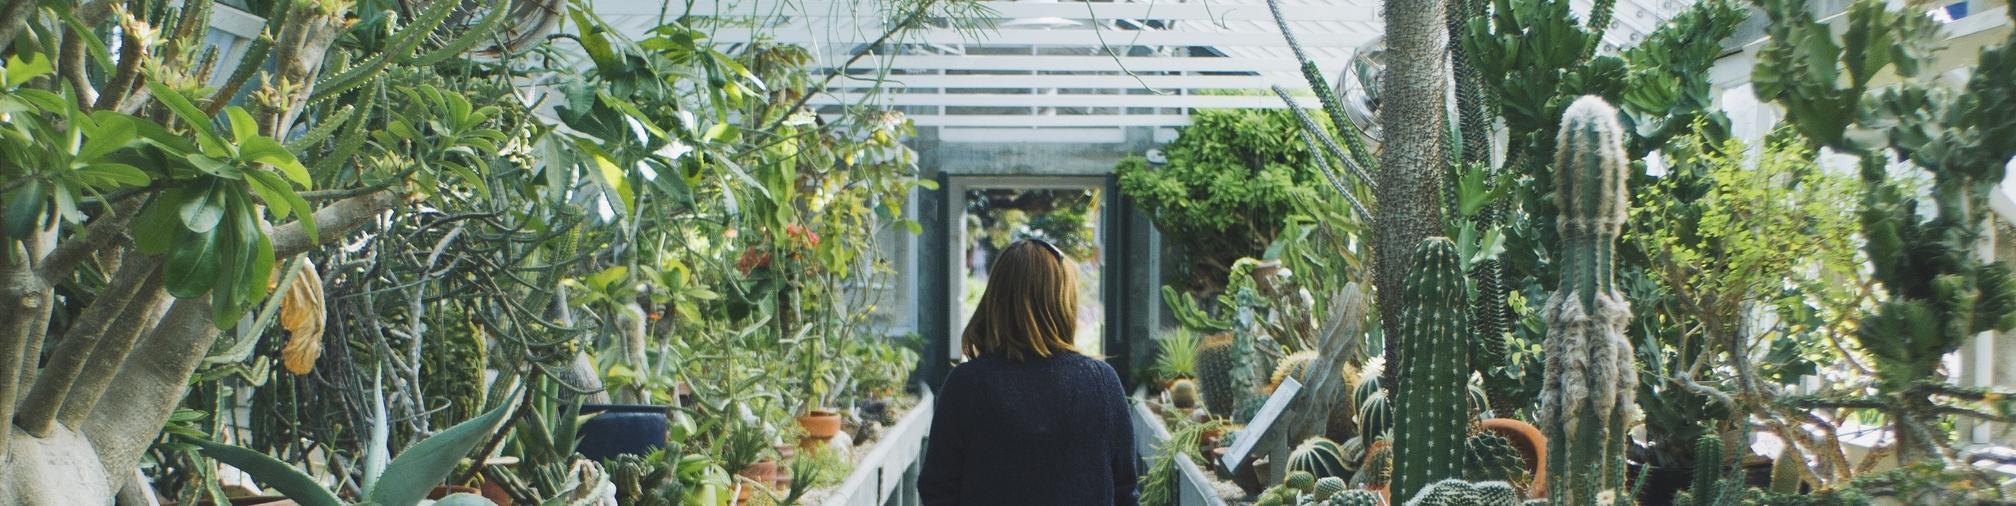 Vrouw in een serre vol cactussen en exotische planten